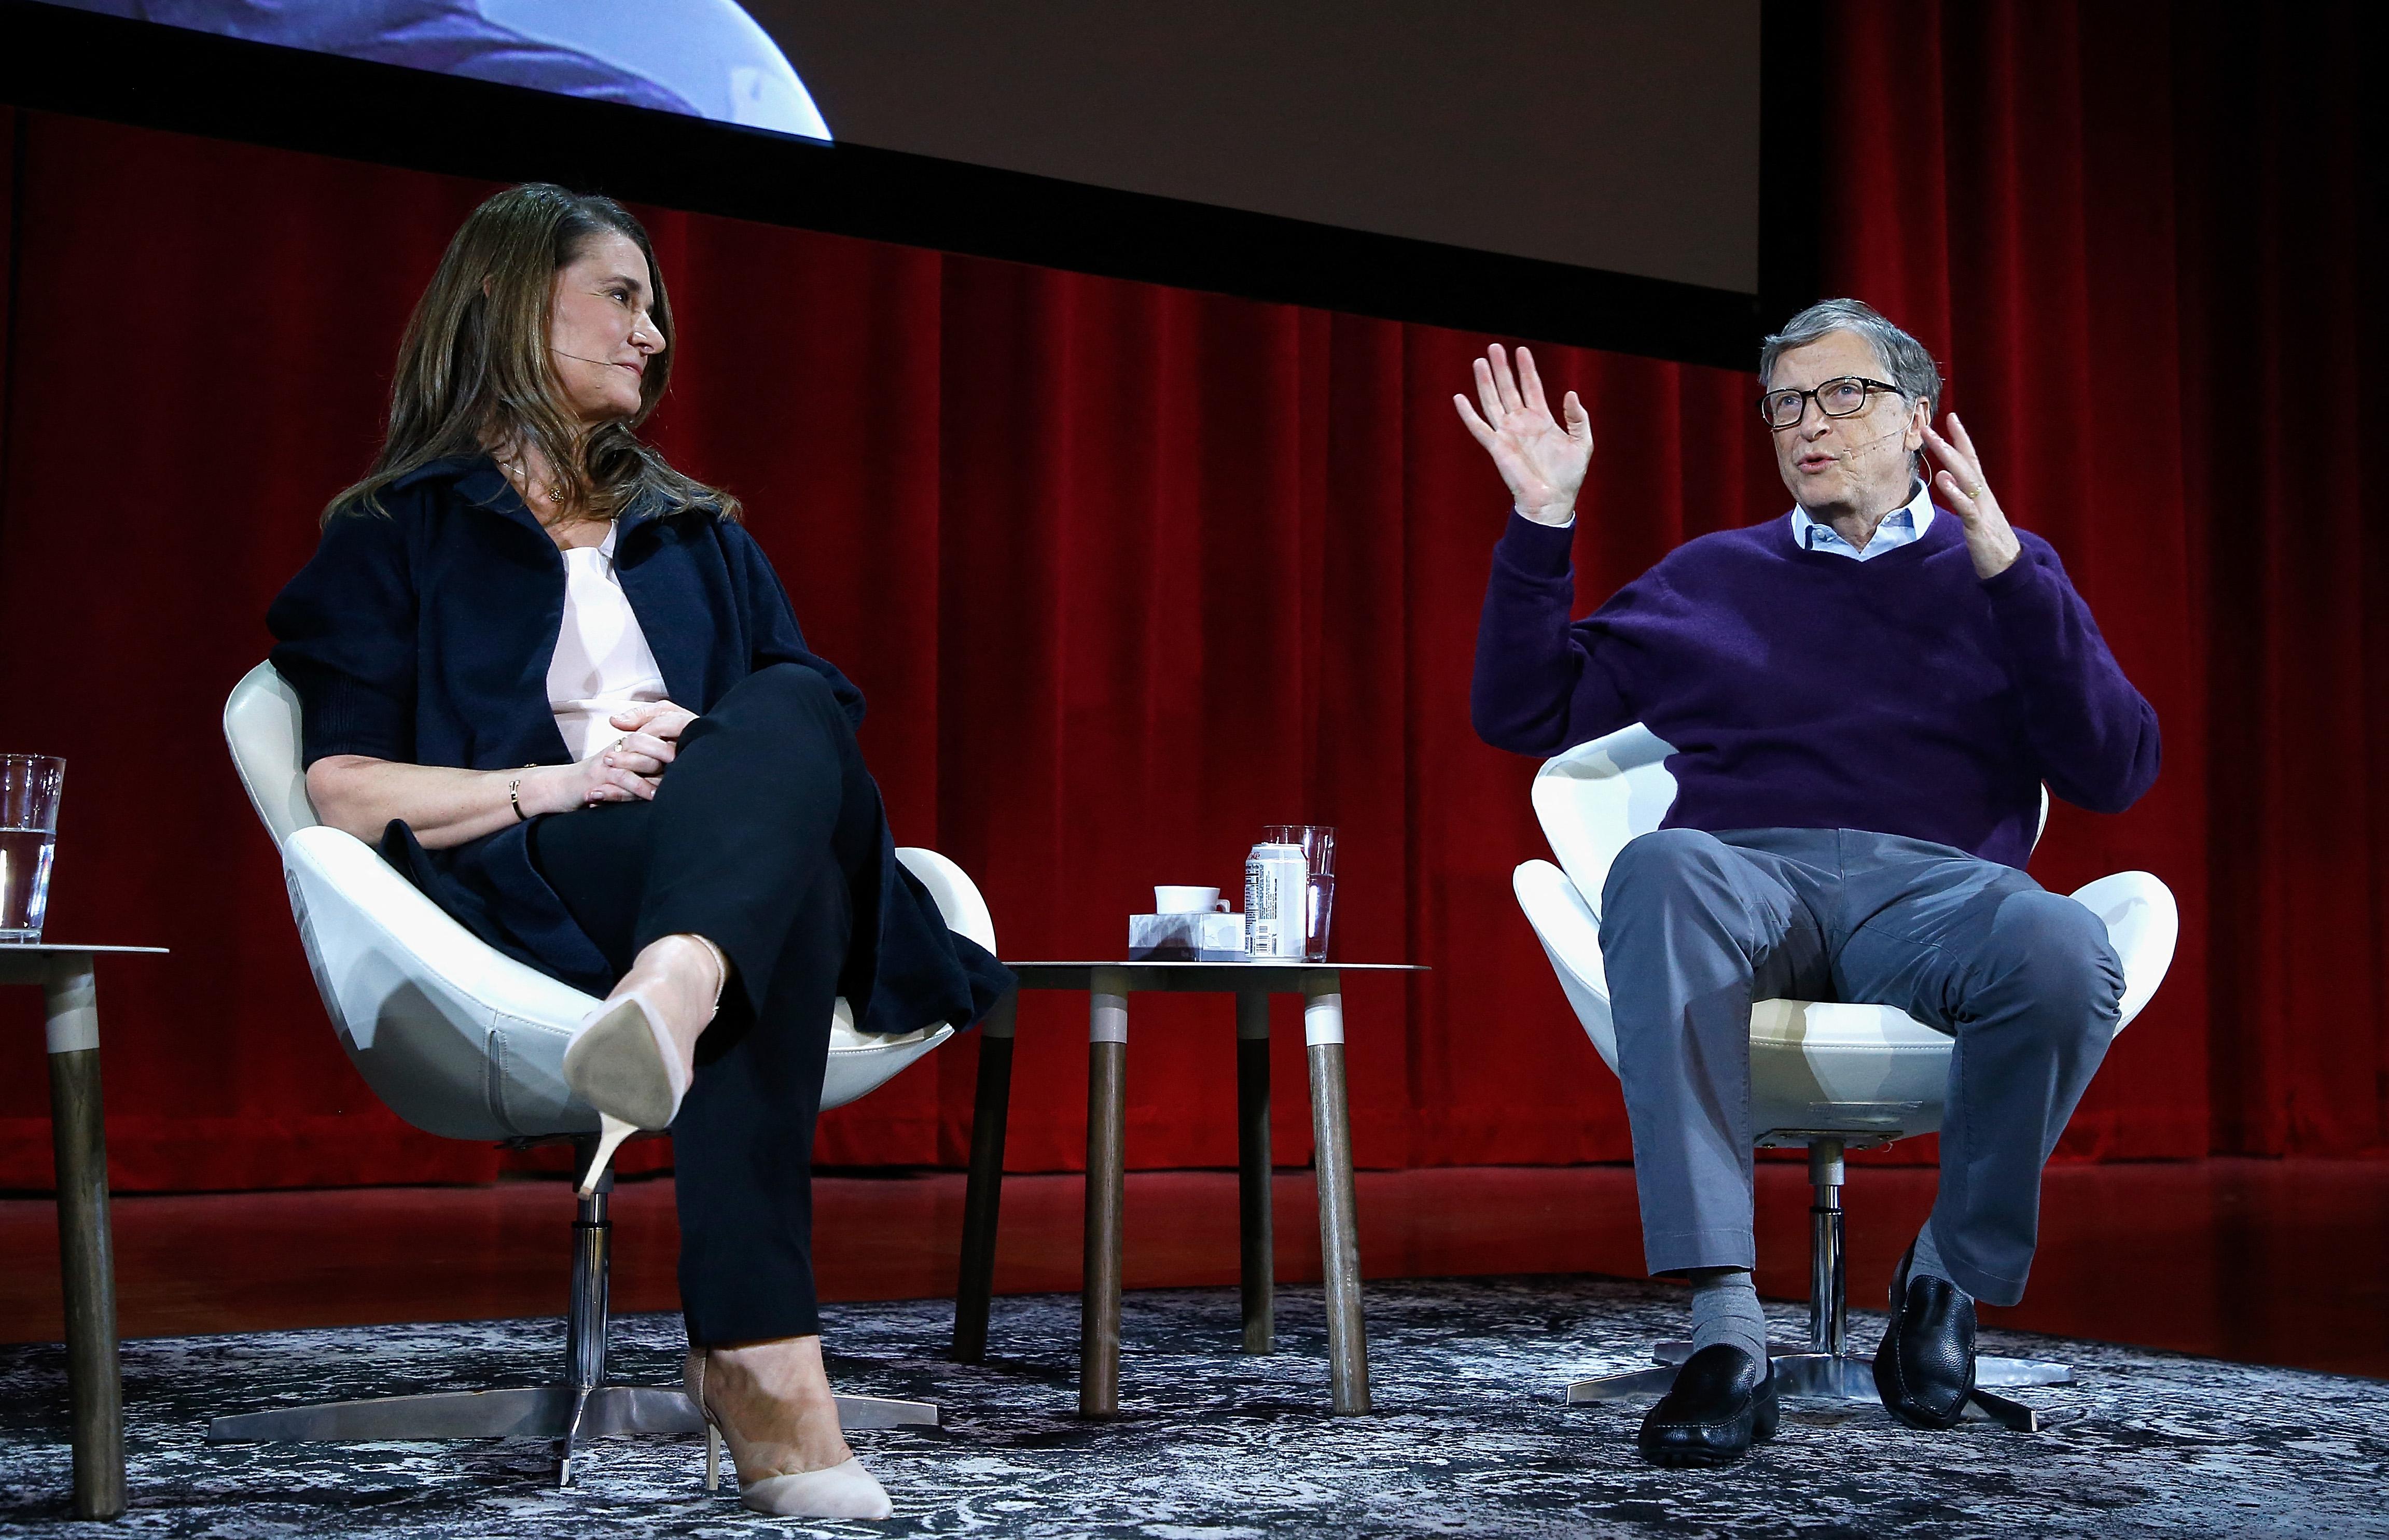 Melinda Gates már két éve tervezte a válást, amiért Bill Gates túl sokszor találkozott Jeffrey Epsteinnel